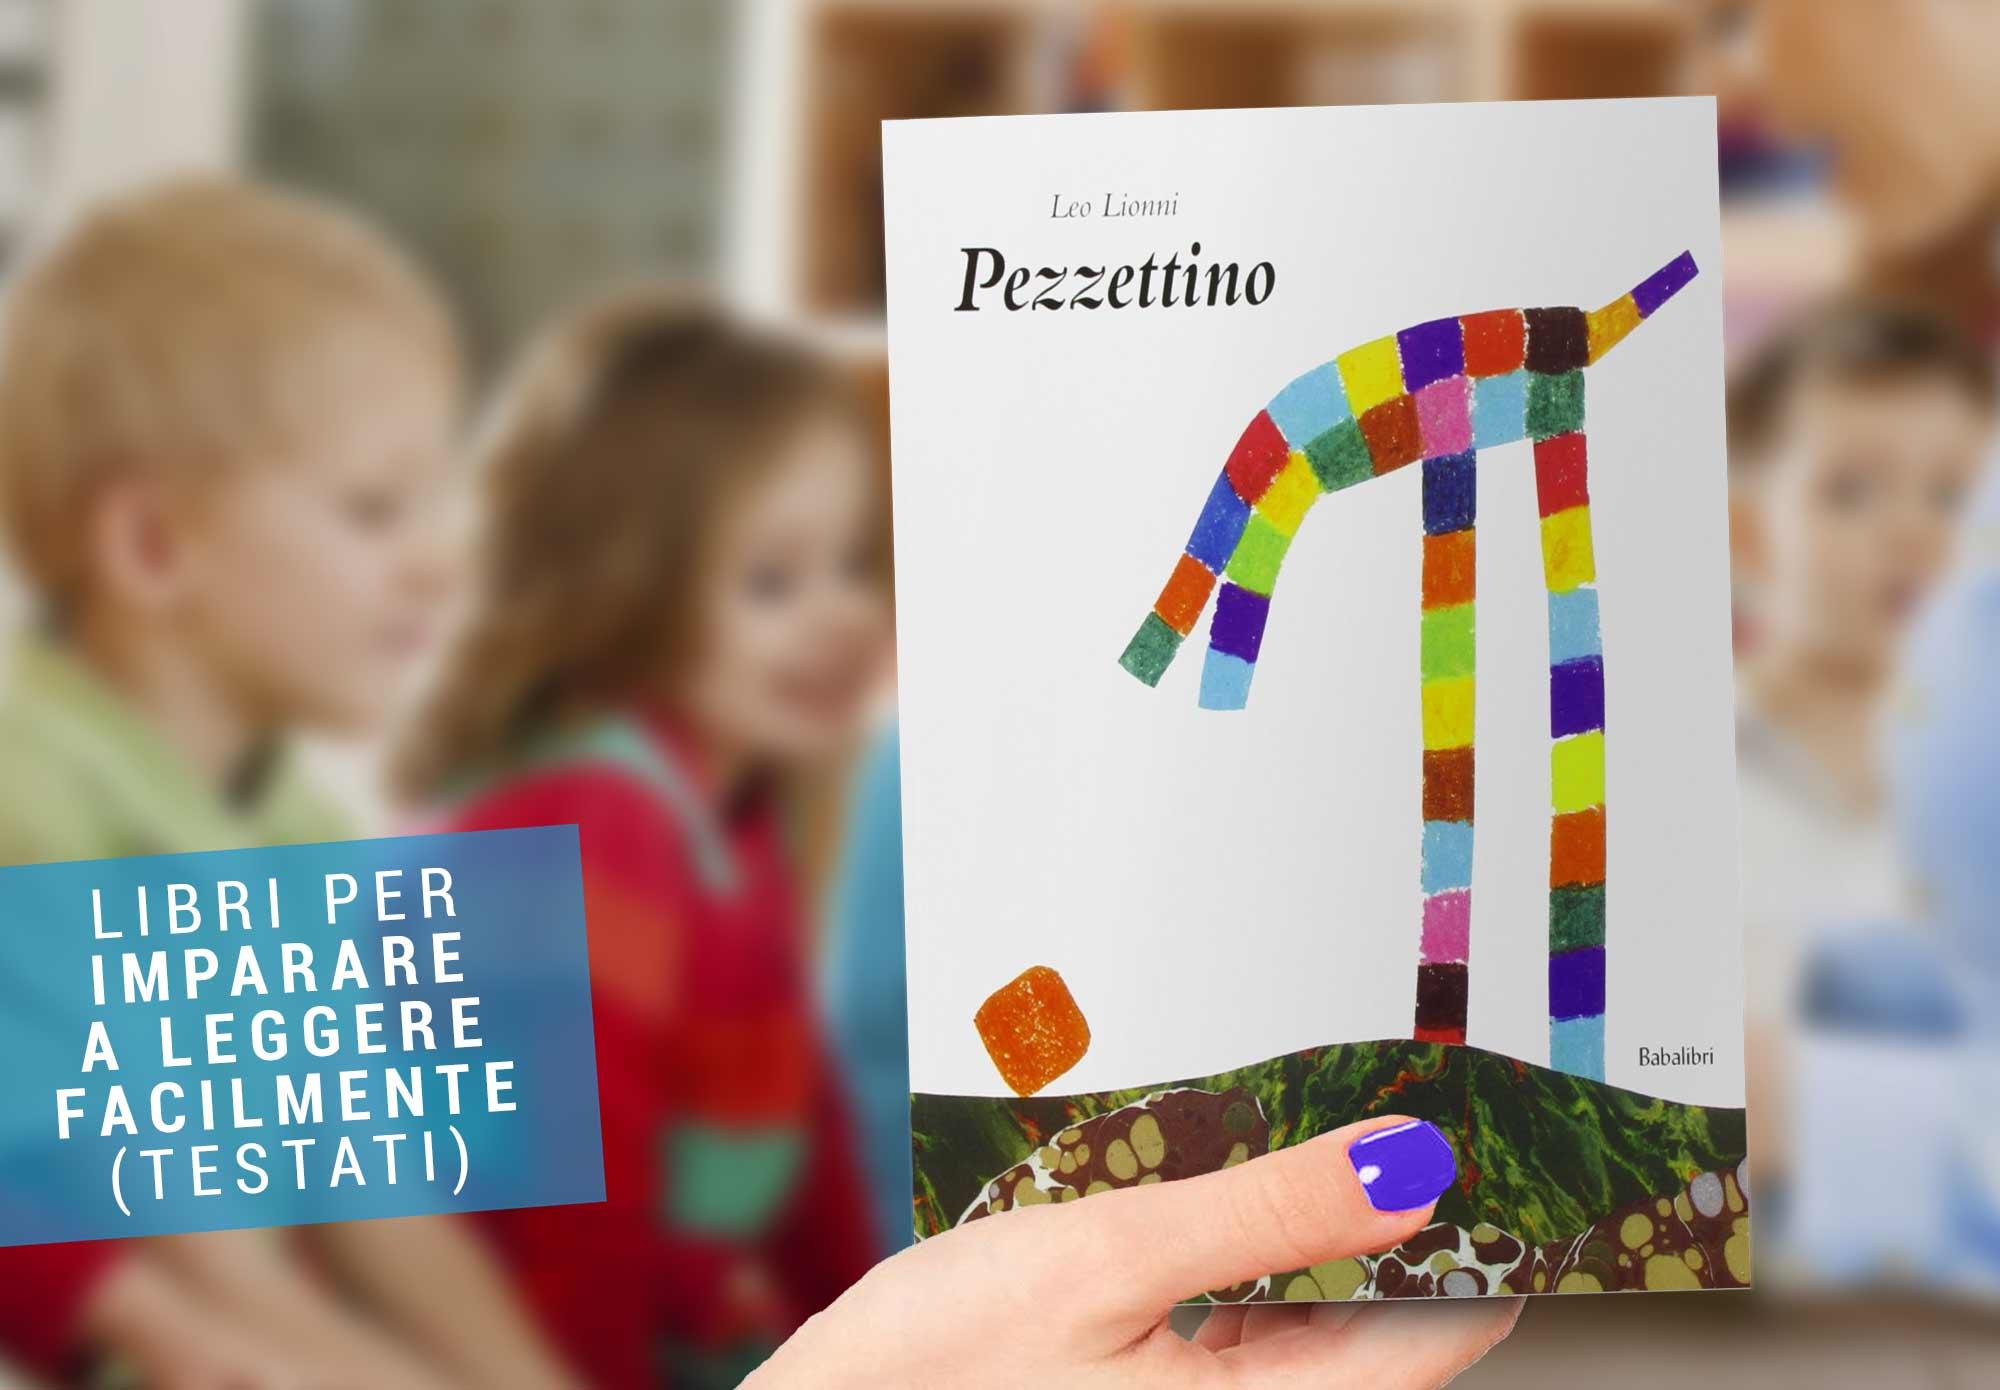 pezzettino-libro-per-imparare-a-leggere-ai-bambini